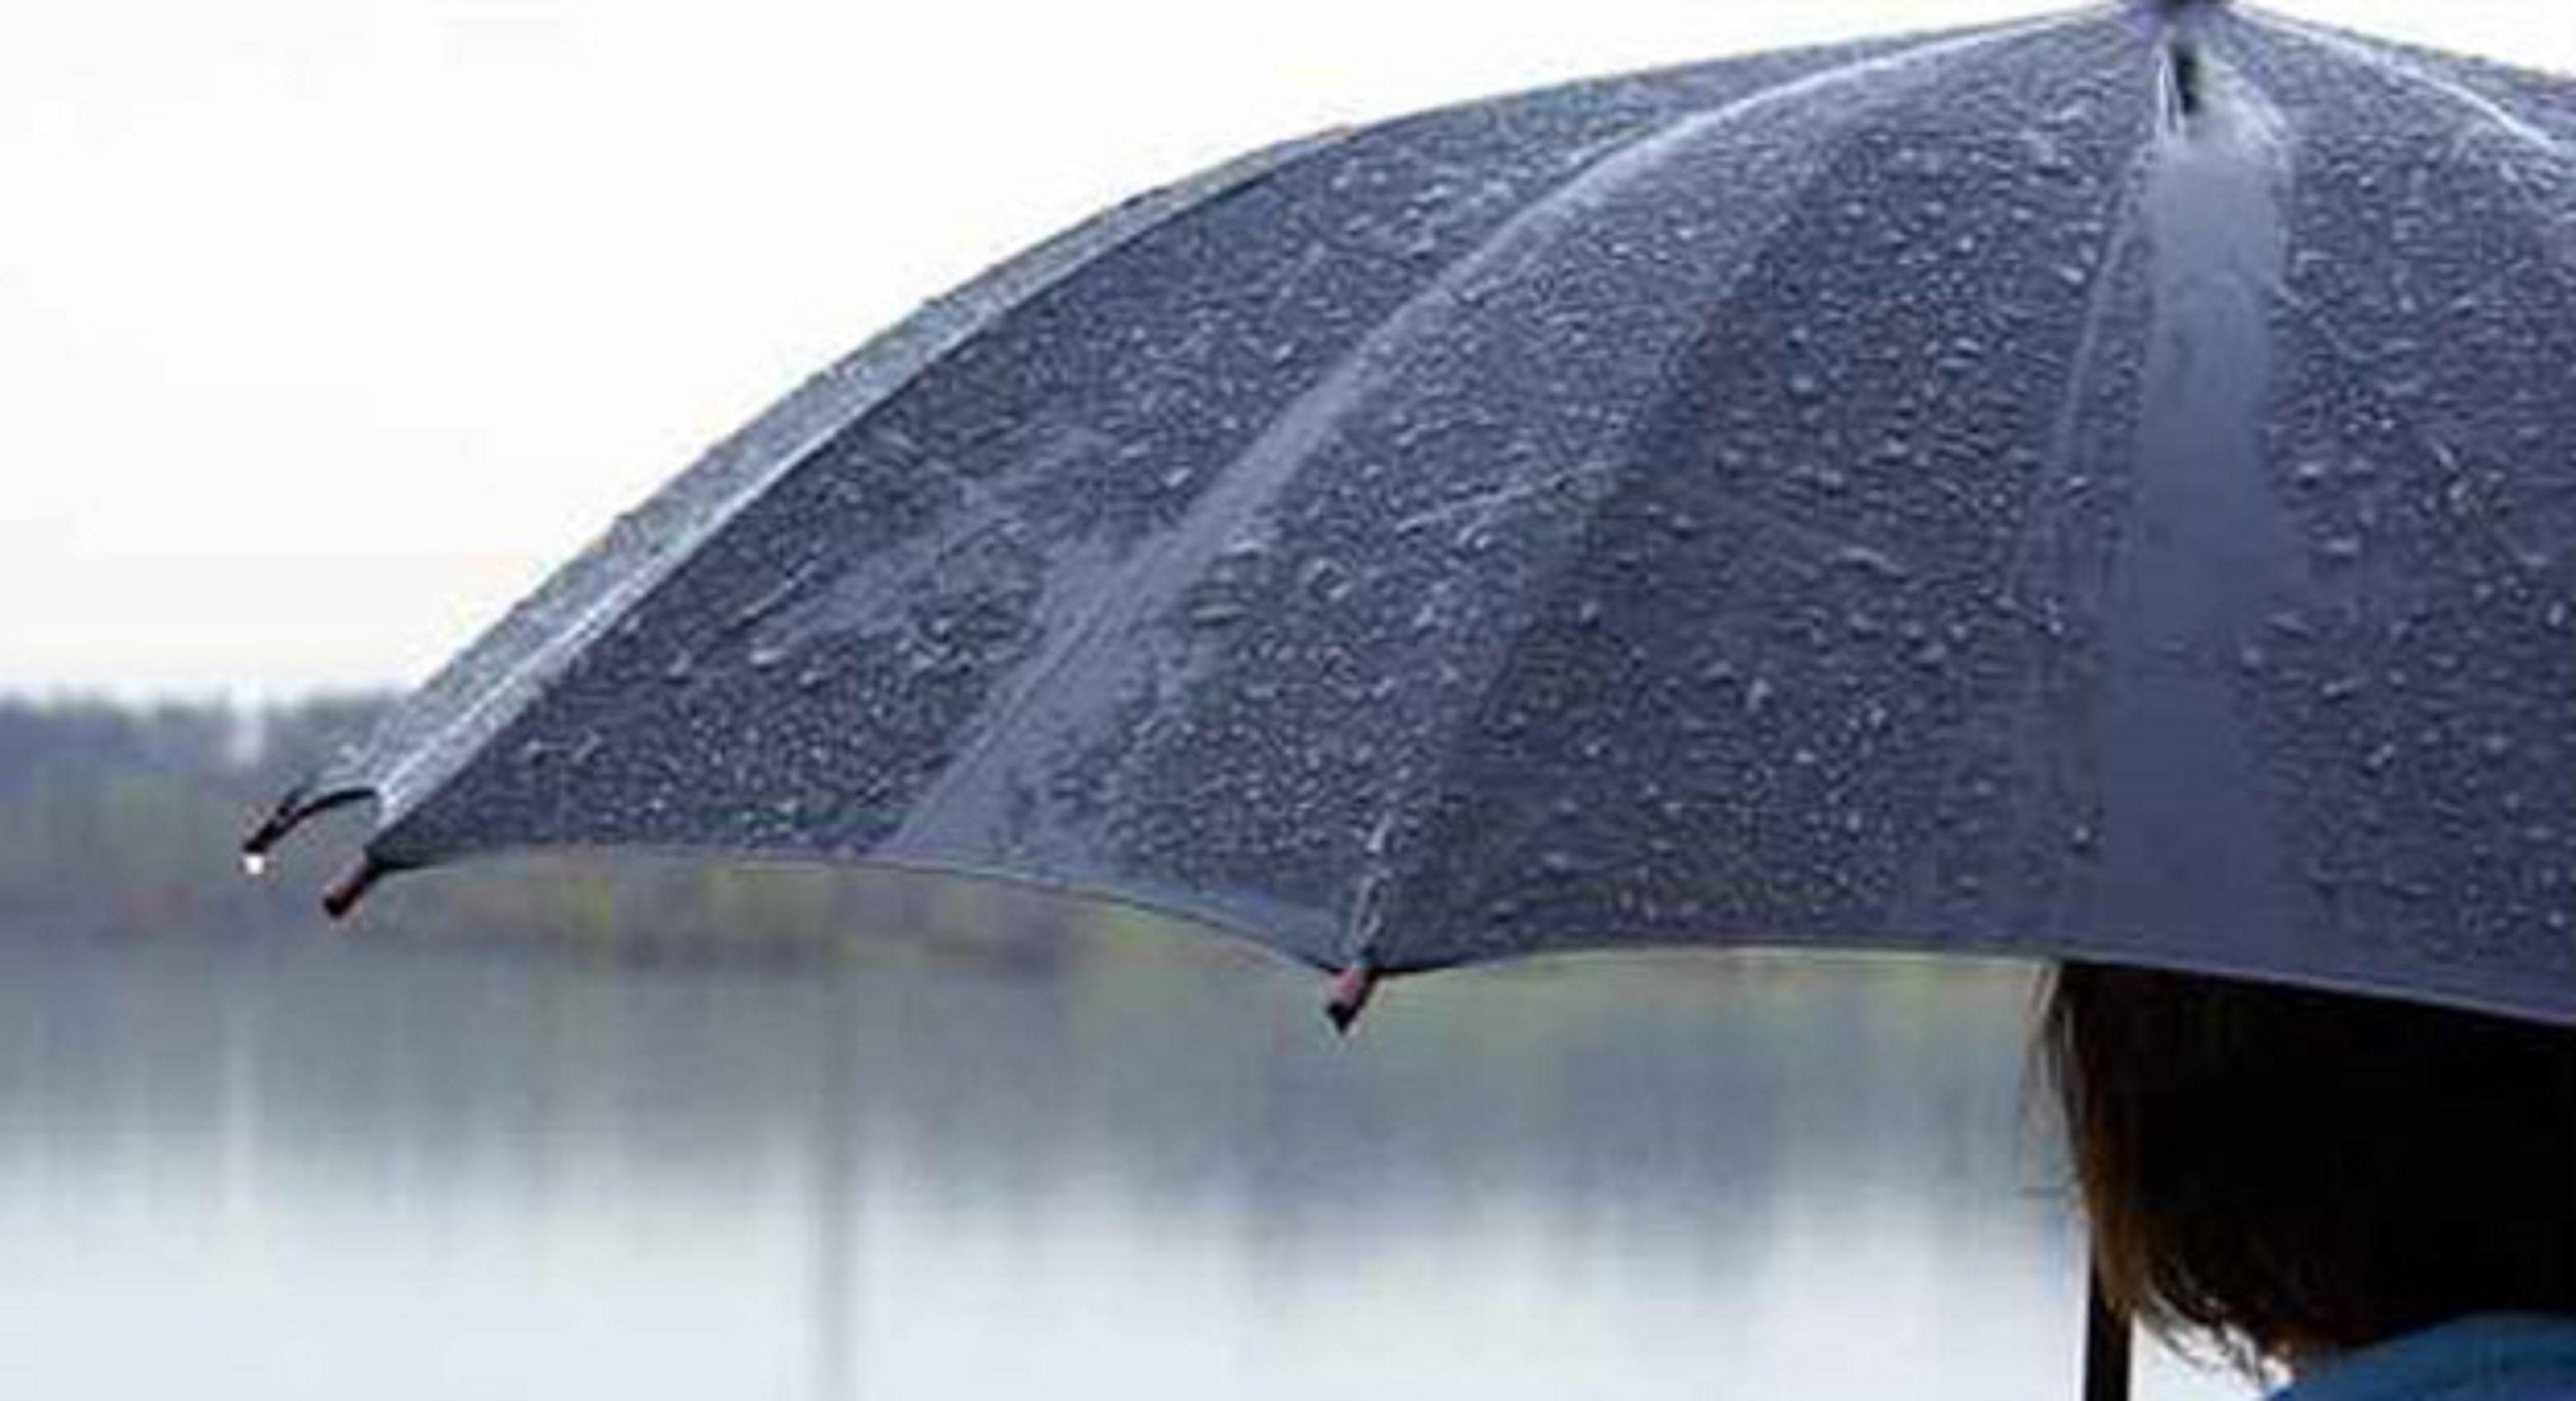 موجة البرد مستمرة لأيام بالمملكة والأمطار تعود من جديد